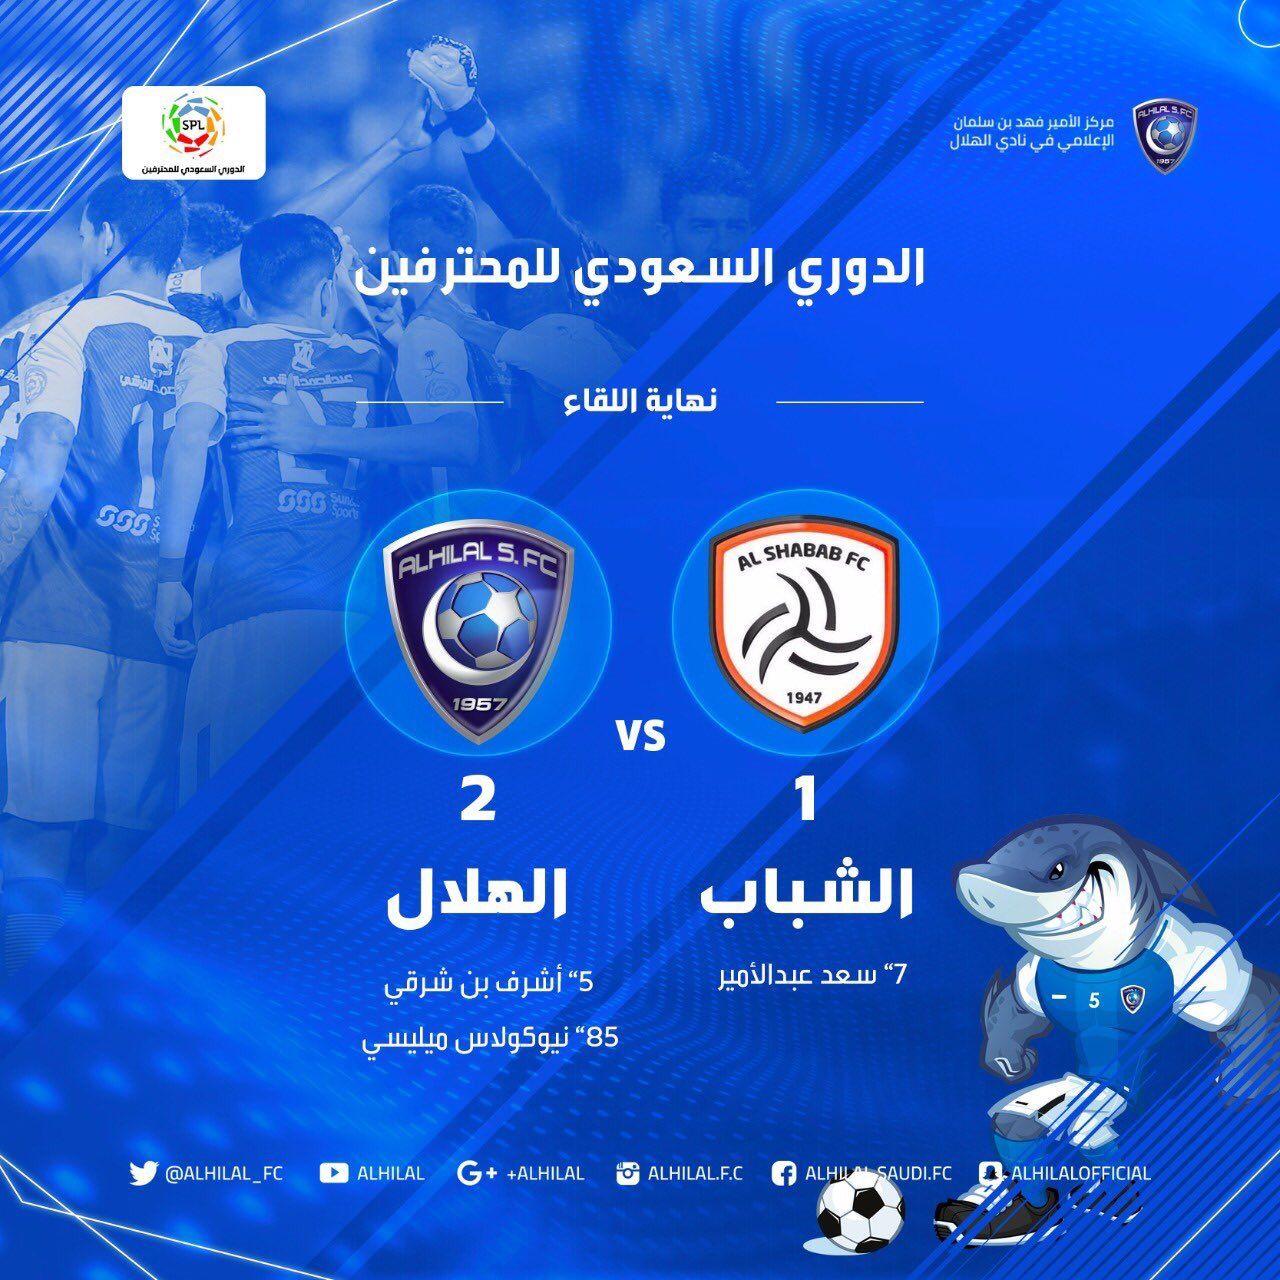 شاهد فيديو ملخص واهداف مباراة الهلال و الشباب 2-1 الدوري السعودي